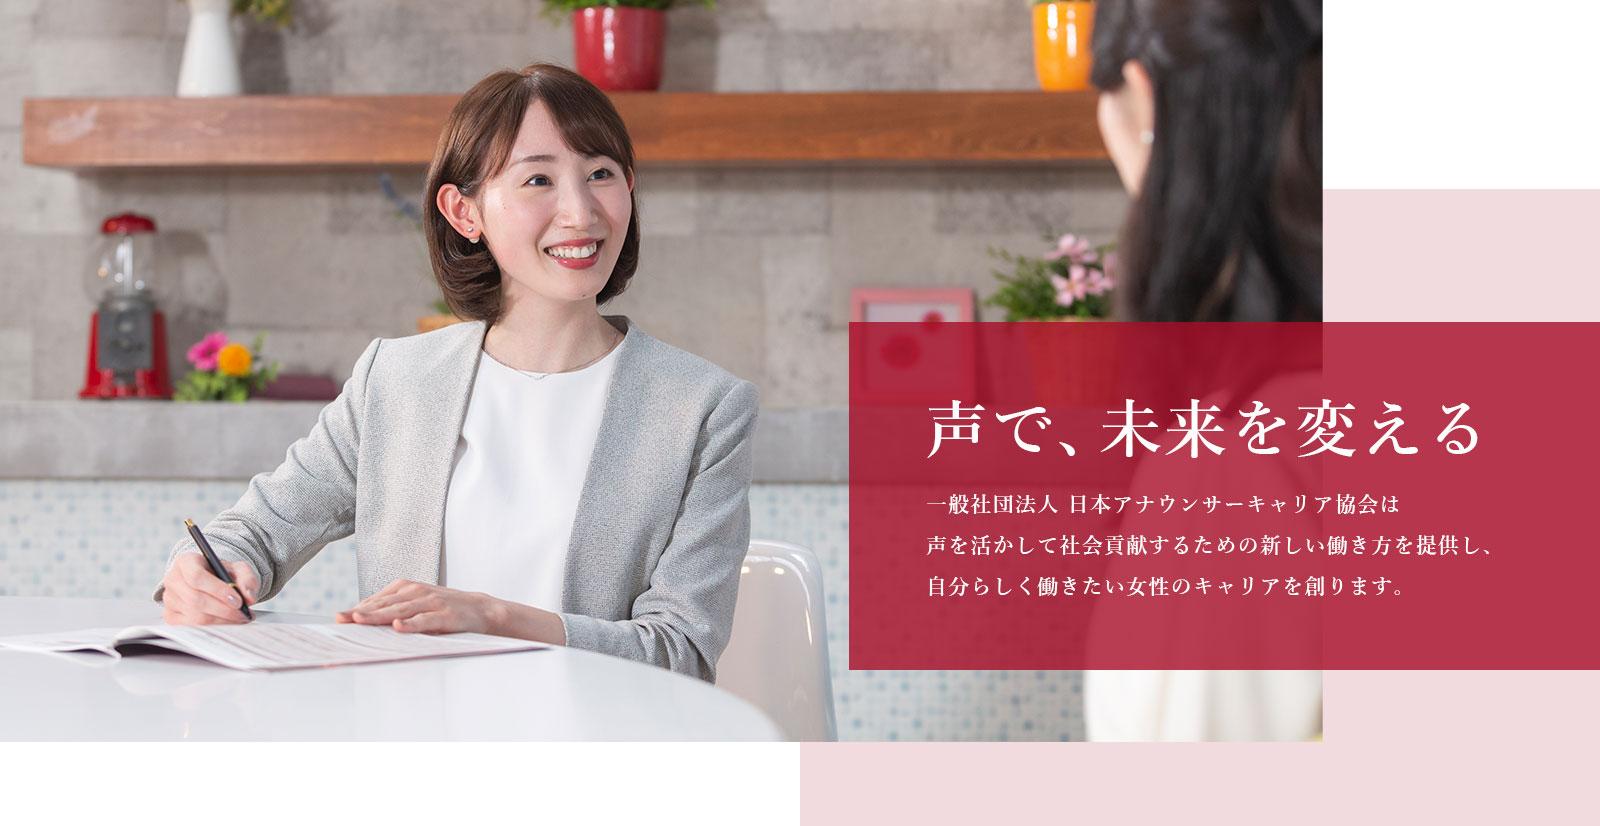 声で、未来を変える。一般社団法人 日本アナウンサーキャリア協会は 声を活かして社会貢献するための新しい働き方を提供し、 自分らしく働きたい女性のキャリアを創ります。